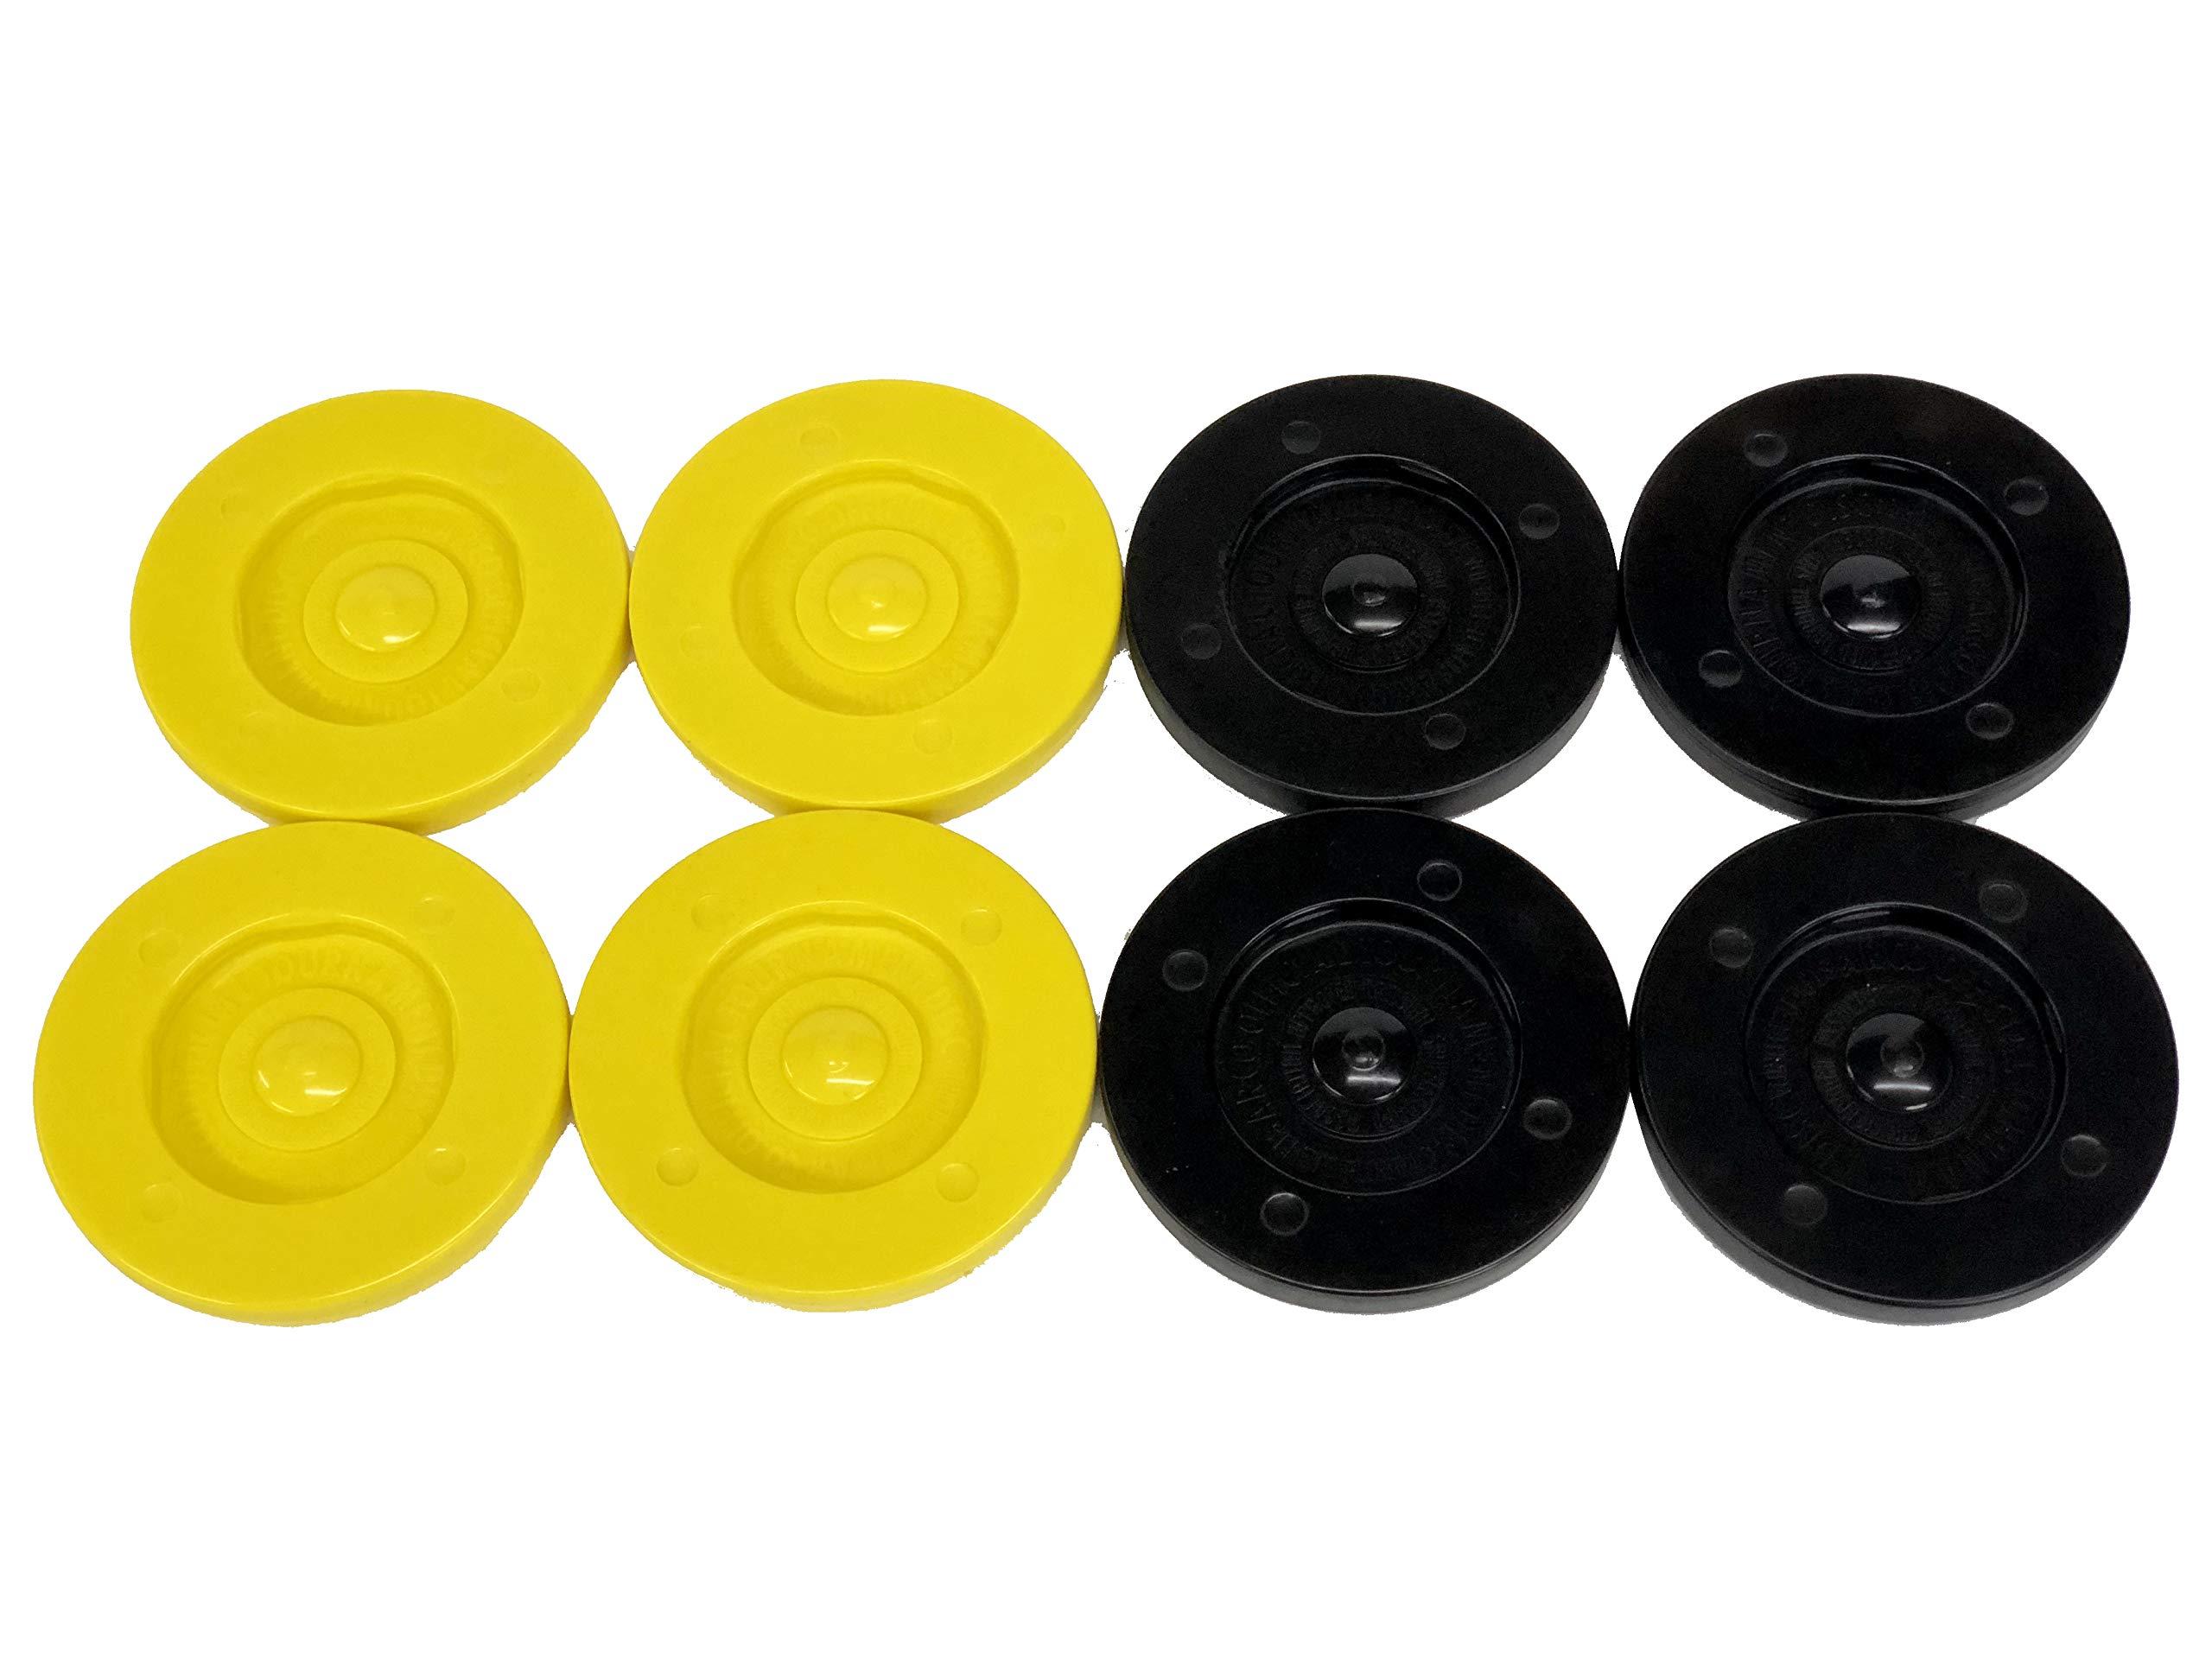 ARCO Shuffleboard Tournament Discs by Allen R. Shuffleboard Co., Inc.